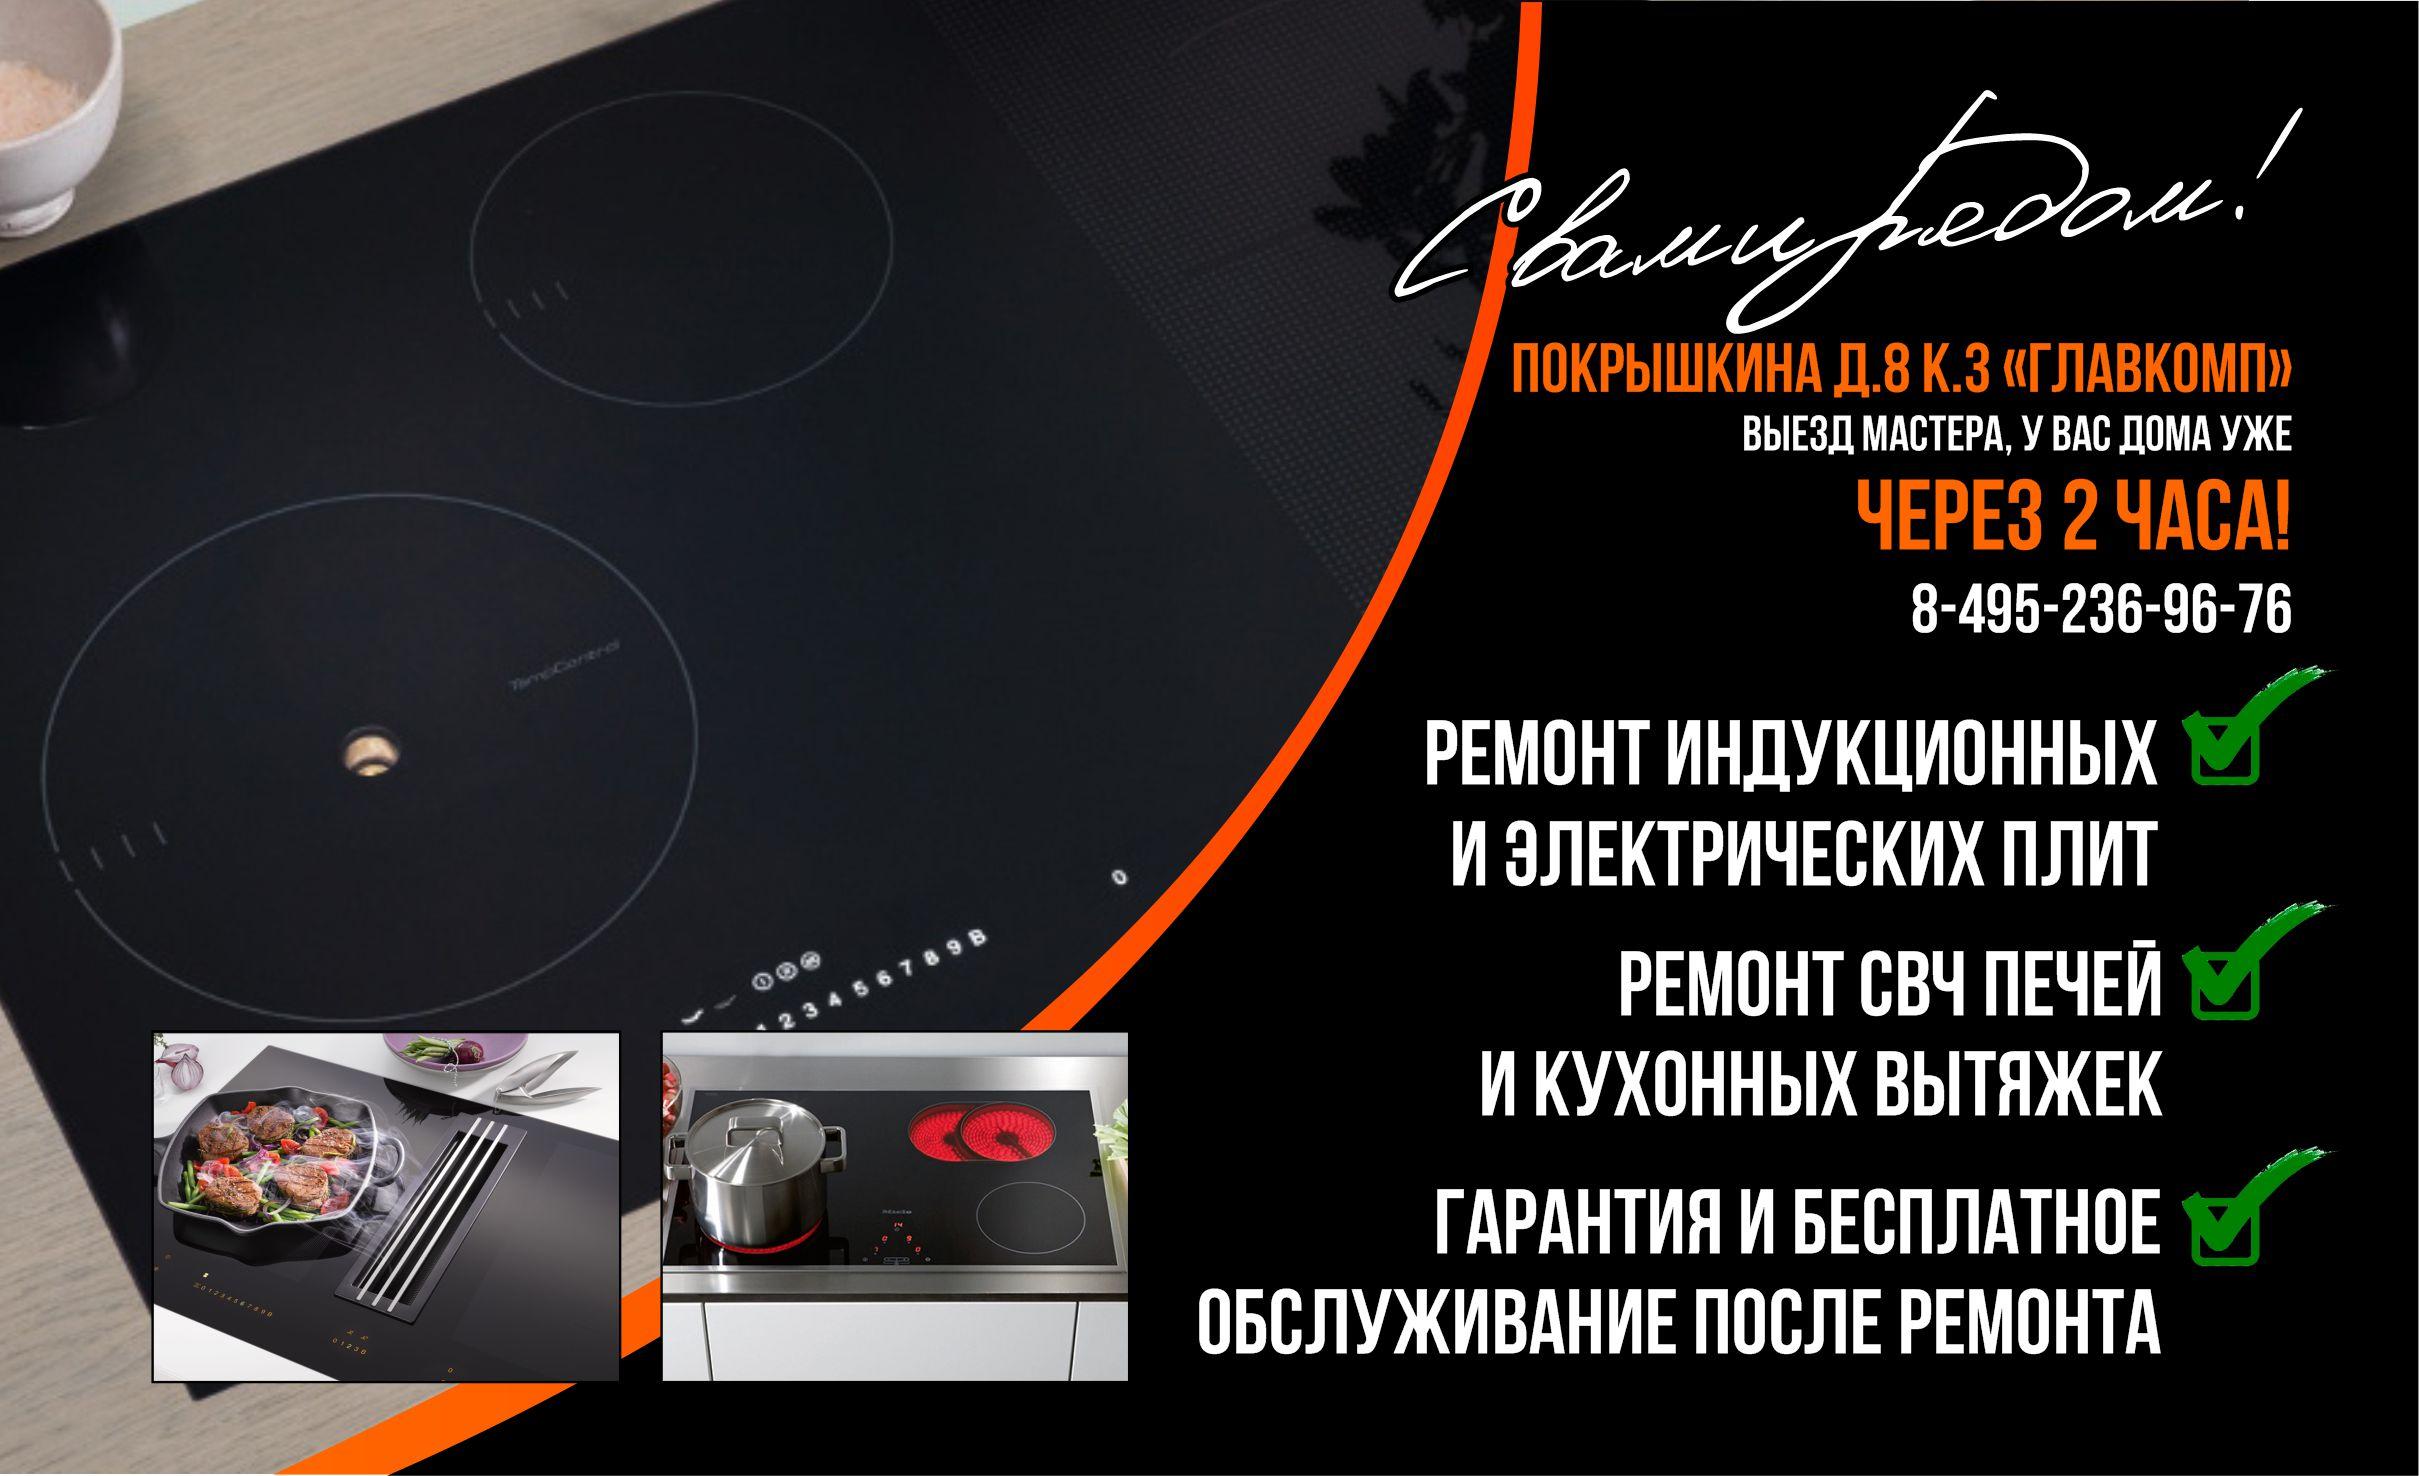 Ремонт индукционных плит в Москве на дому